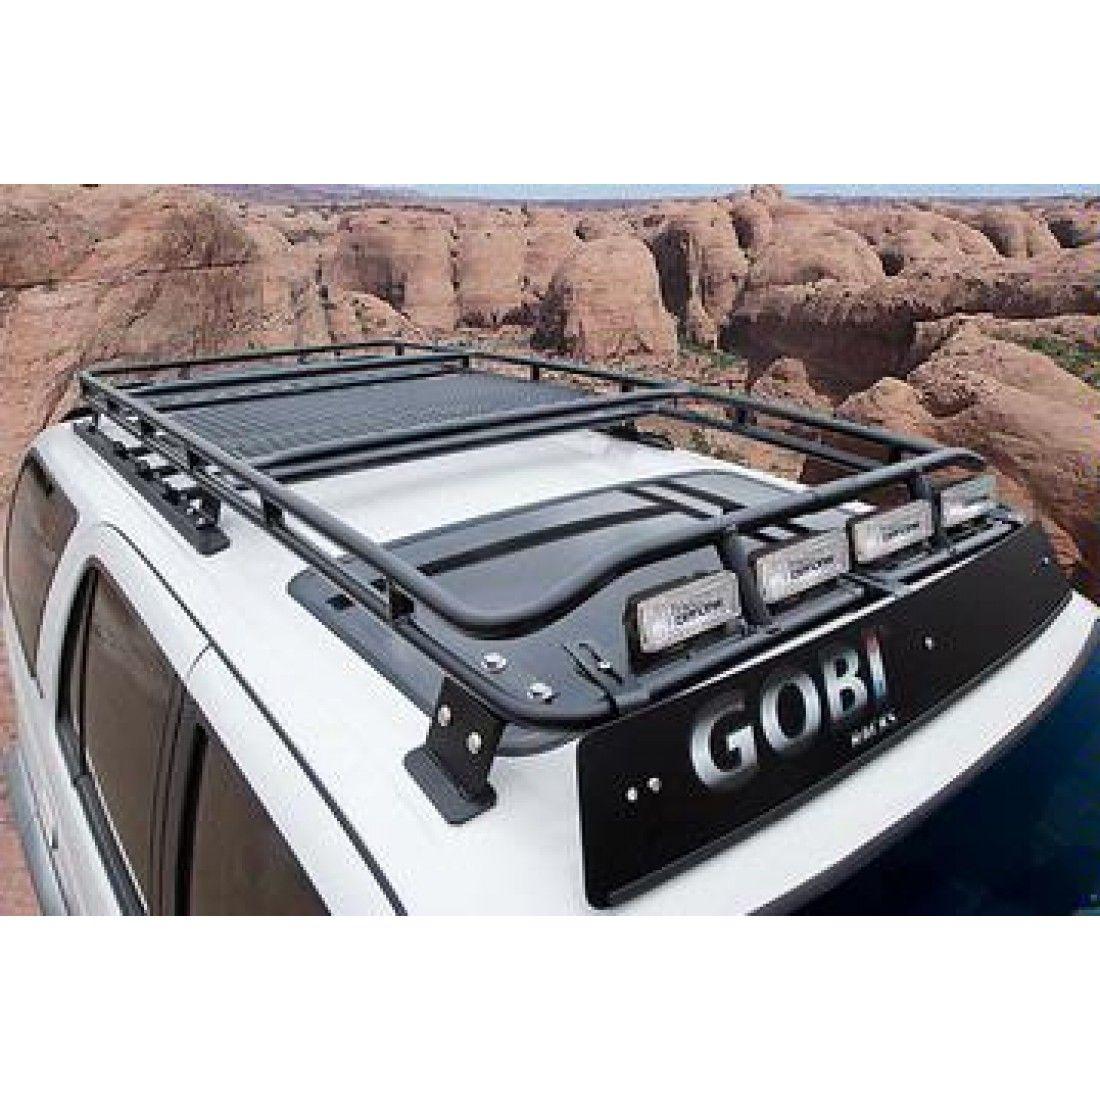 GOBI Toyota 4Runner Roof Rack Roof rack, Toyota 4runner